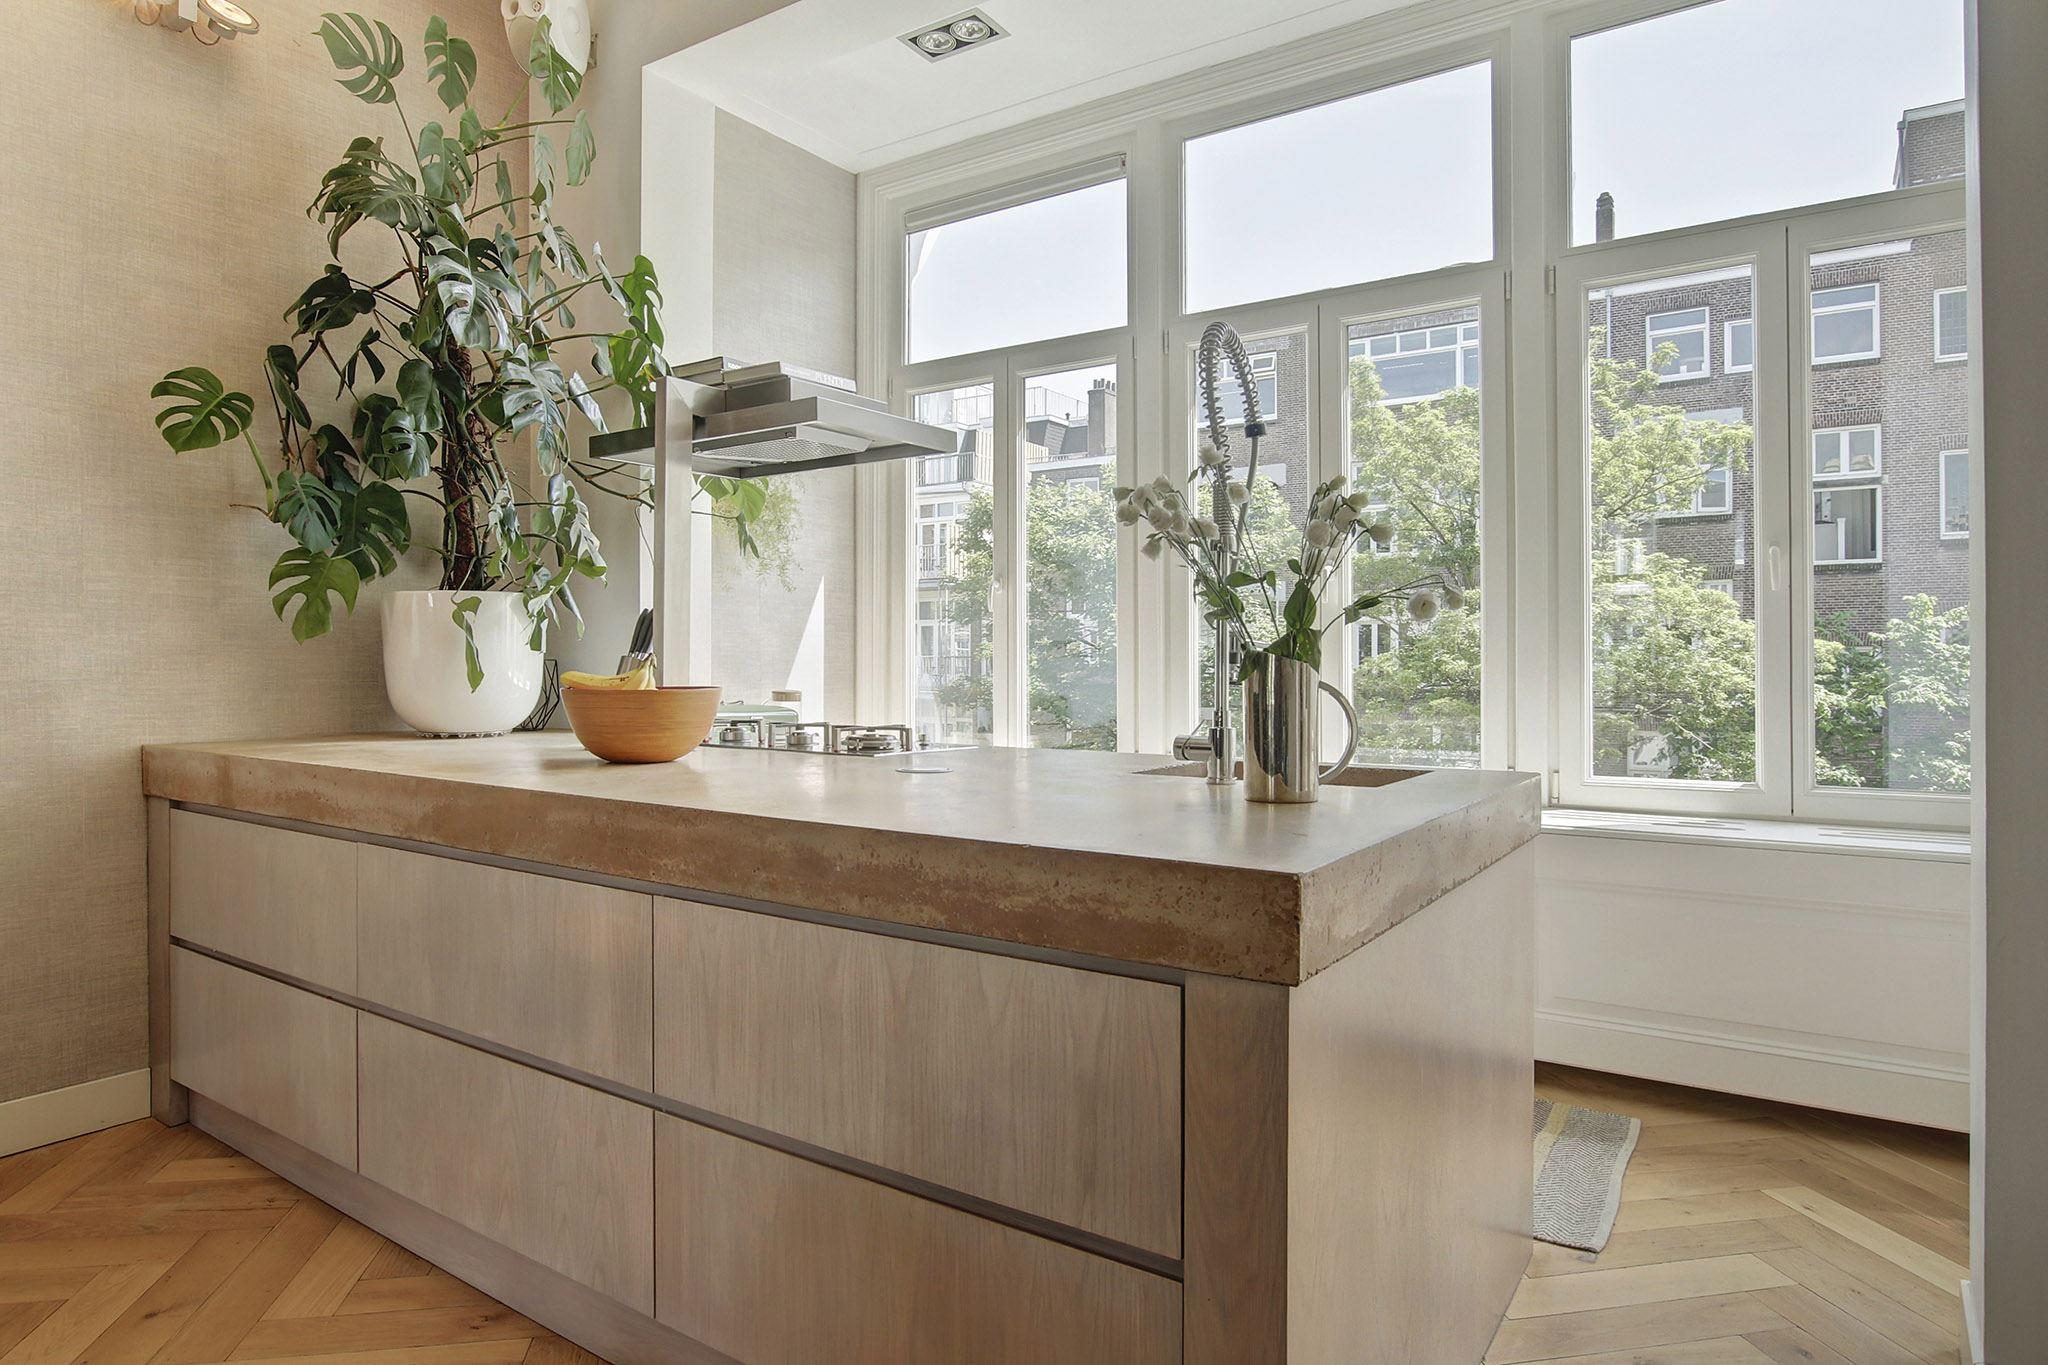 кухонный остров бетонная столешница